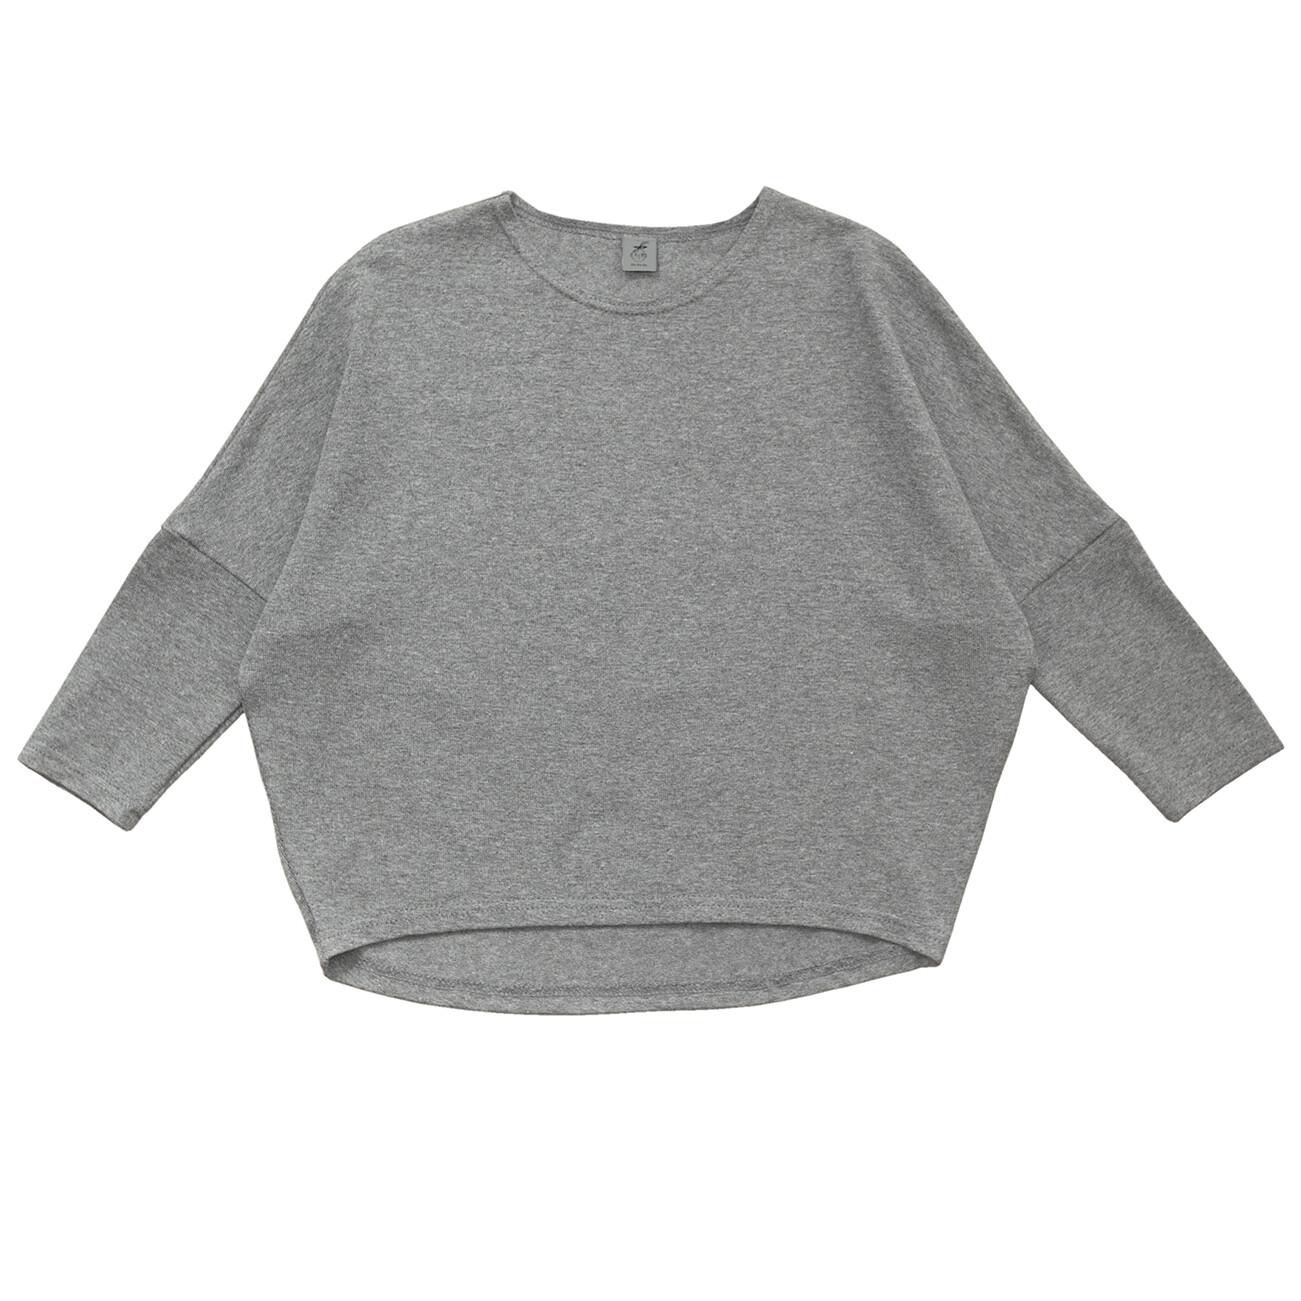 Взрослый лонгслив серый